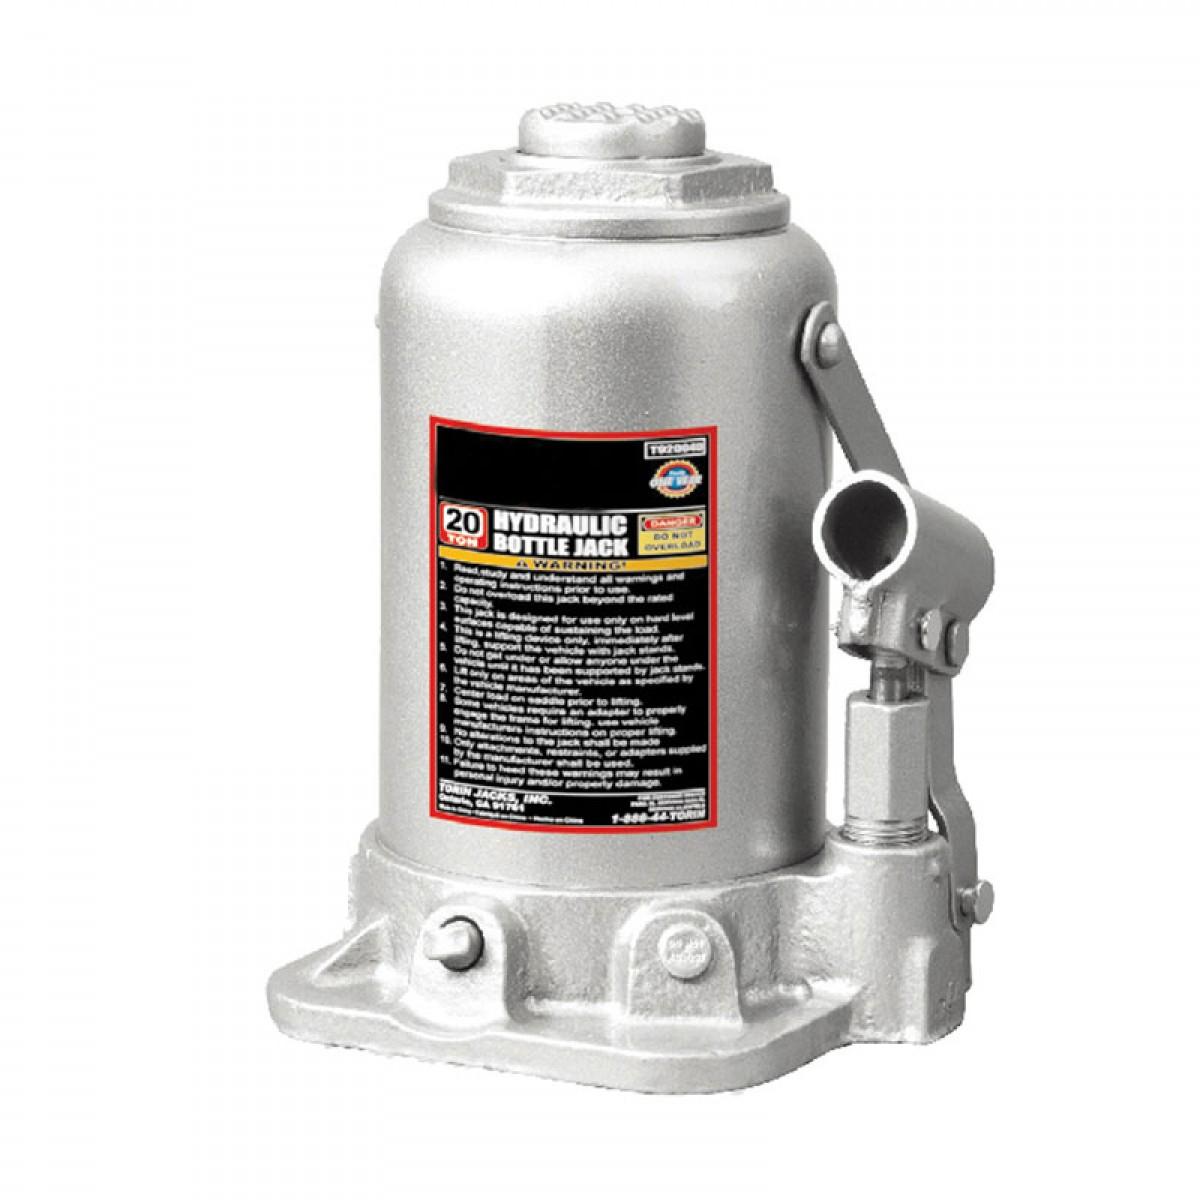 Γρύλλος μπουκάλας υδραυλικός 8 τόνων BORMANN BWR5019 Γρύλλος μπουκάλας υδραυλικός 5 τόνων BORMANN BWR5018